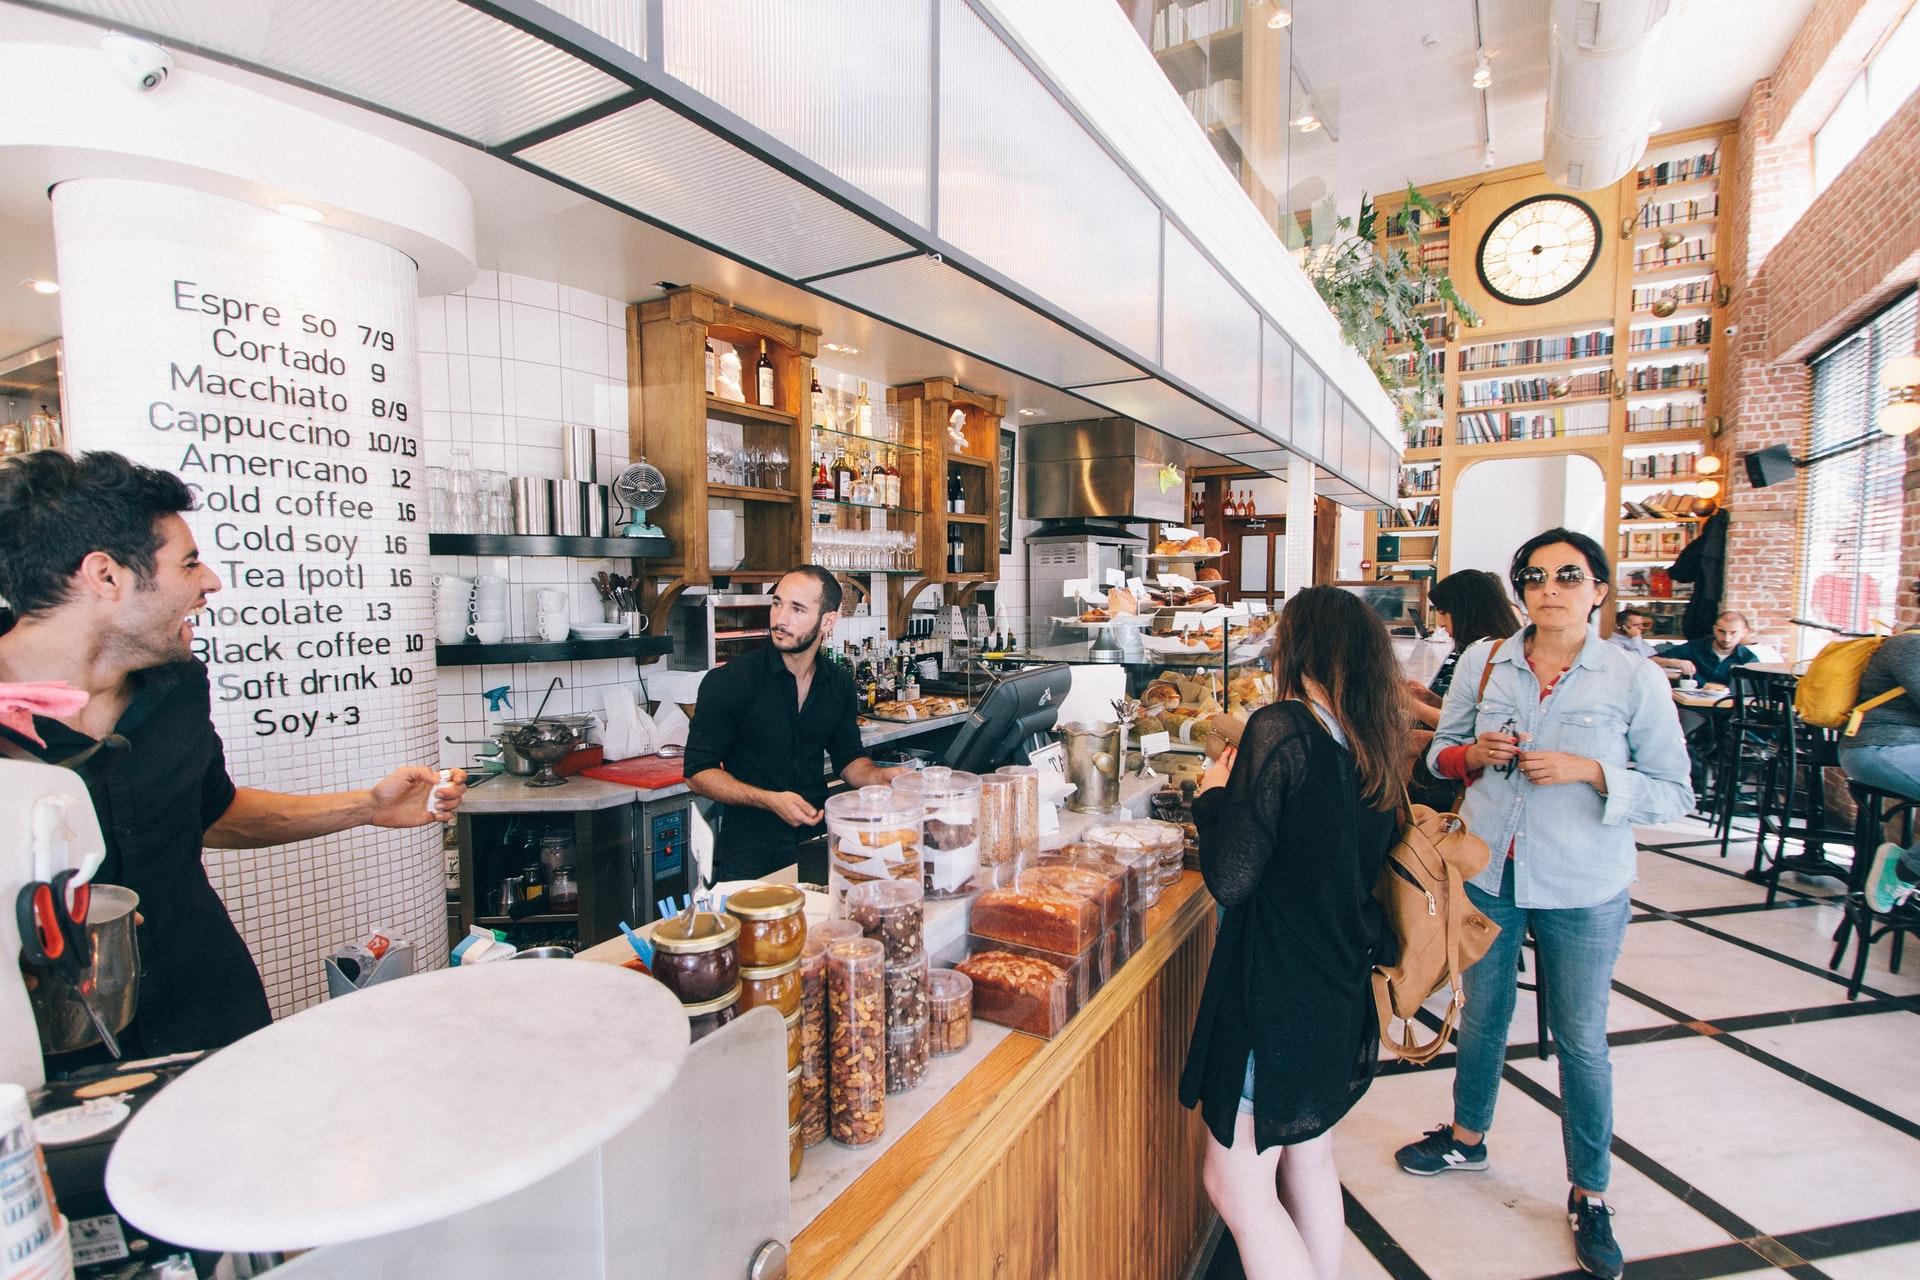 People in coffee bar